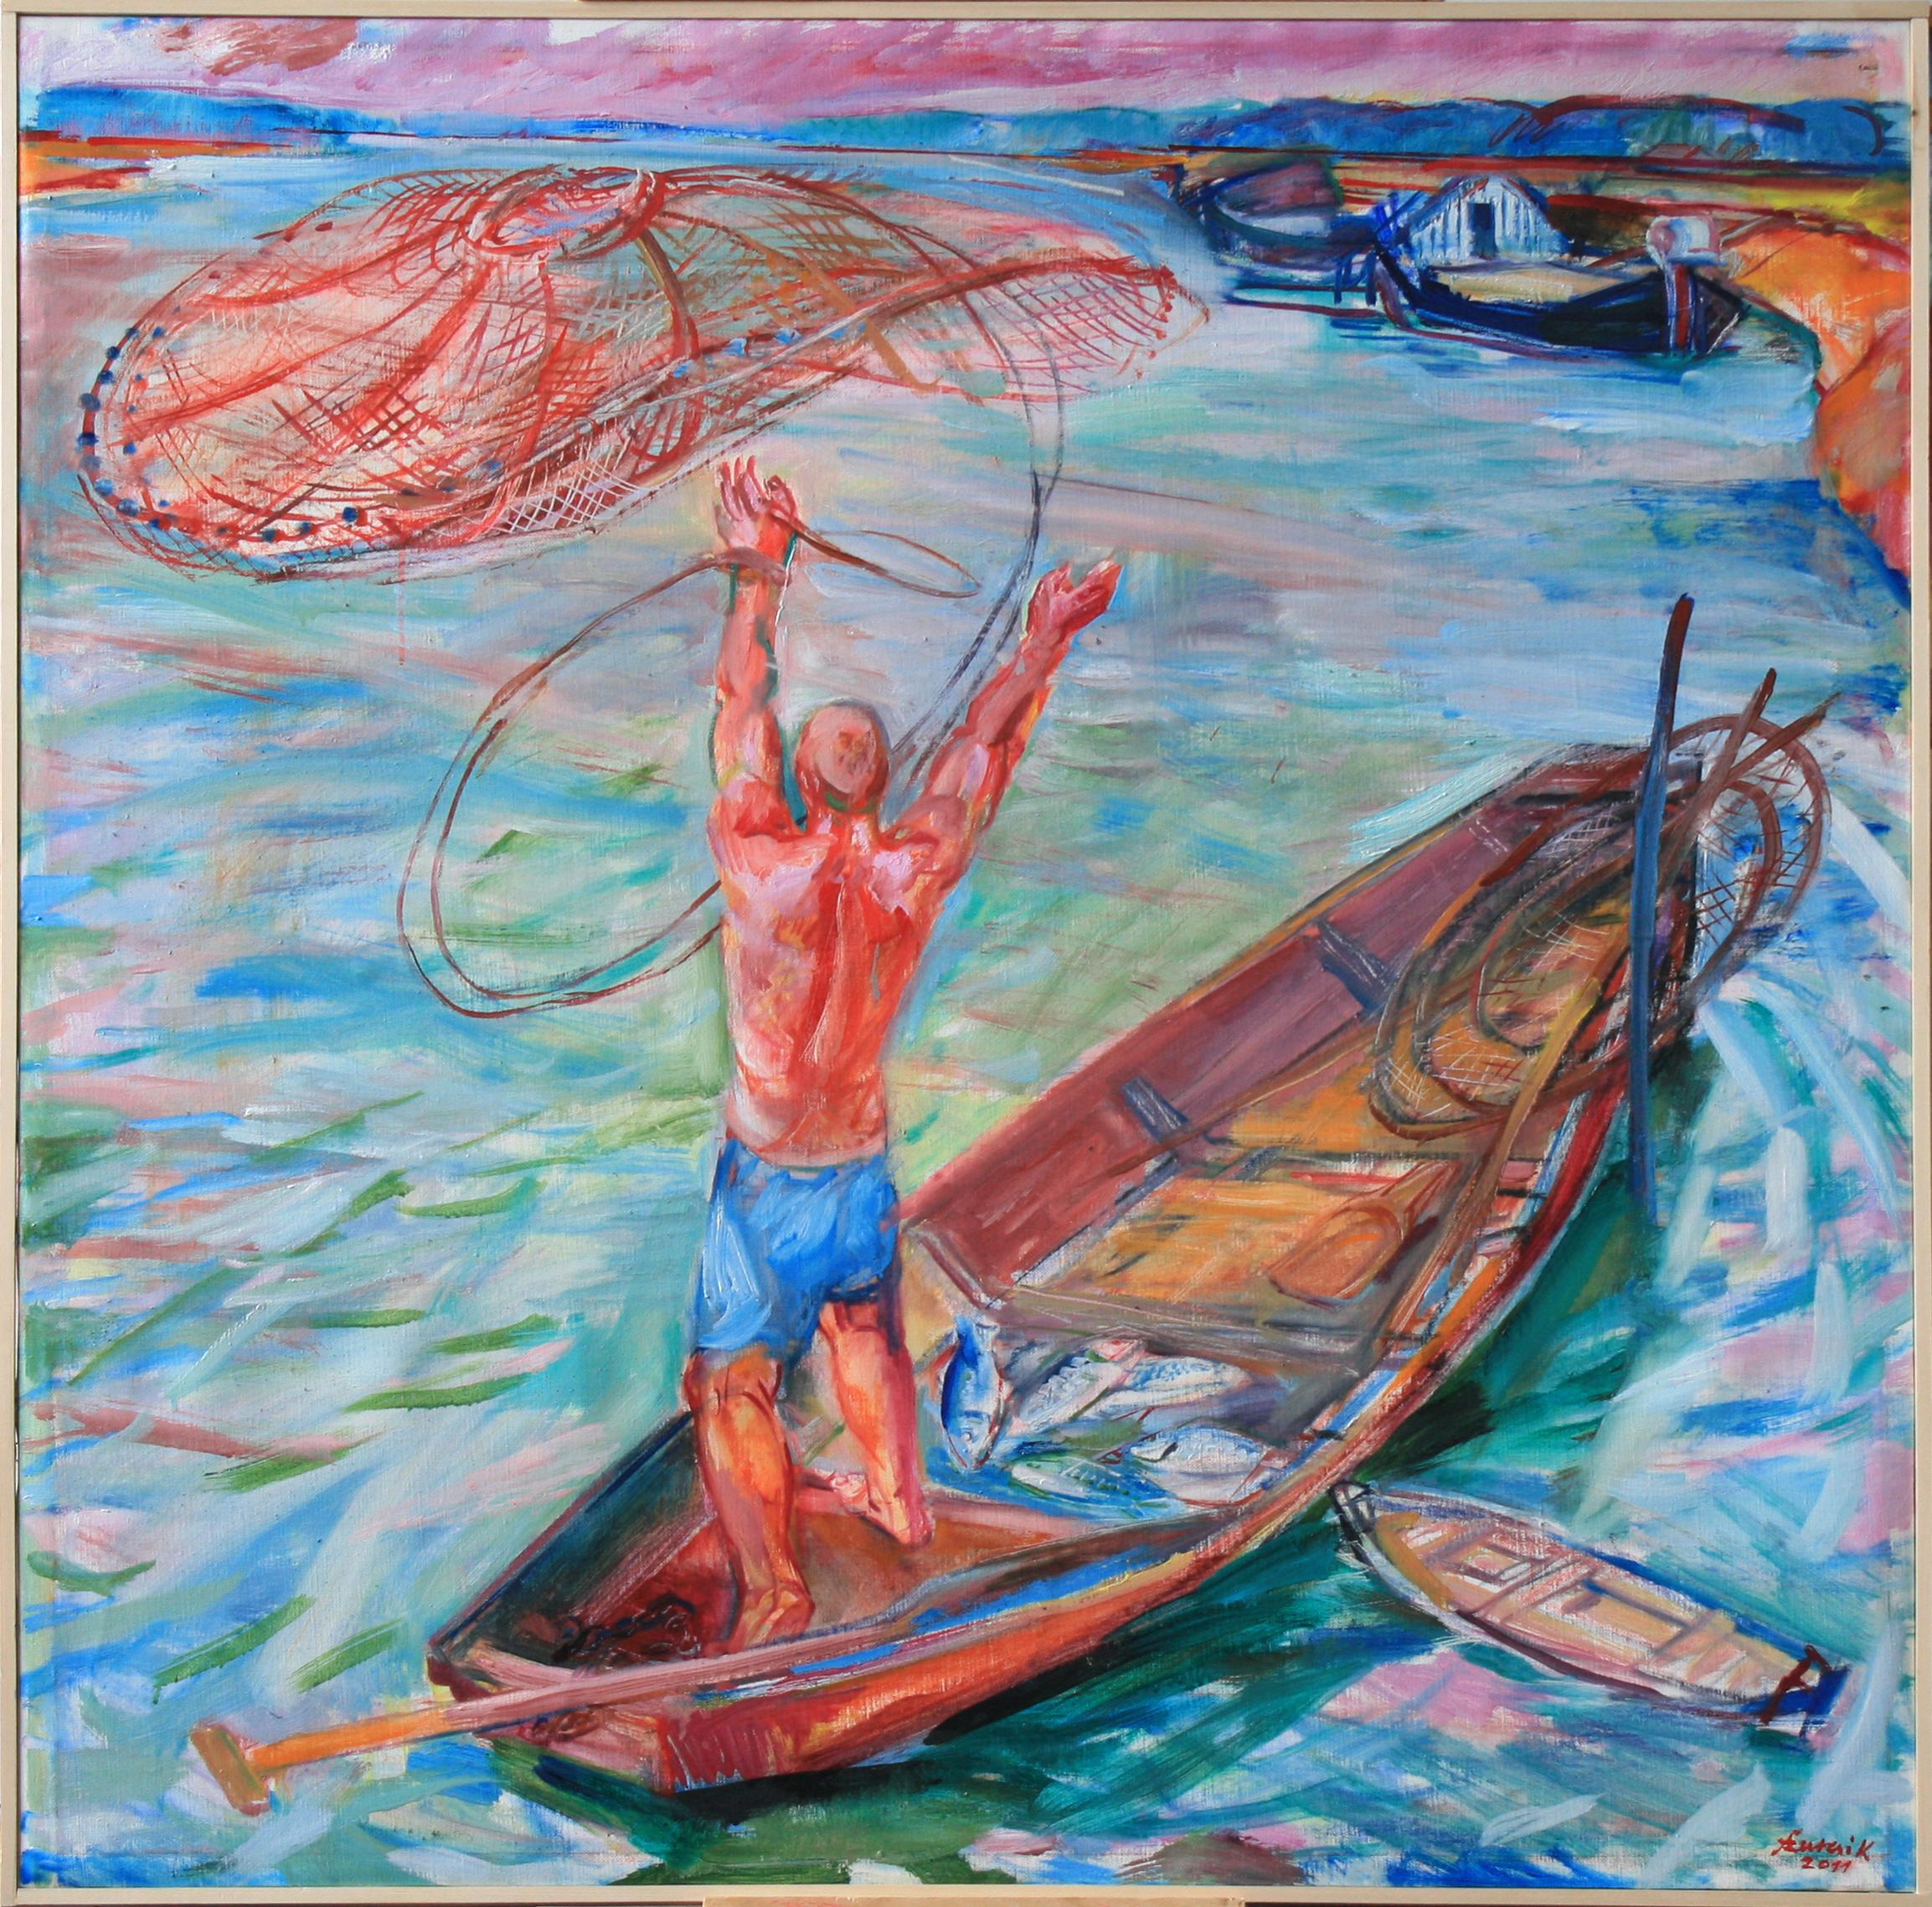 2011hálótvető halász